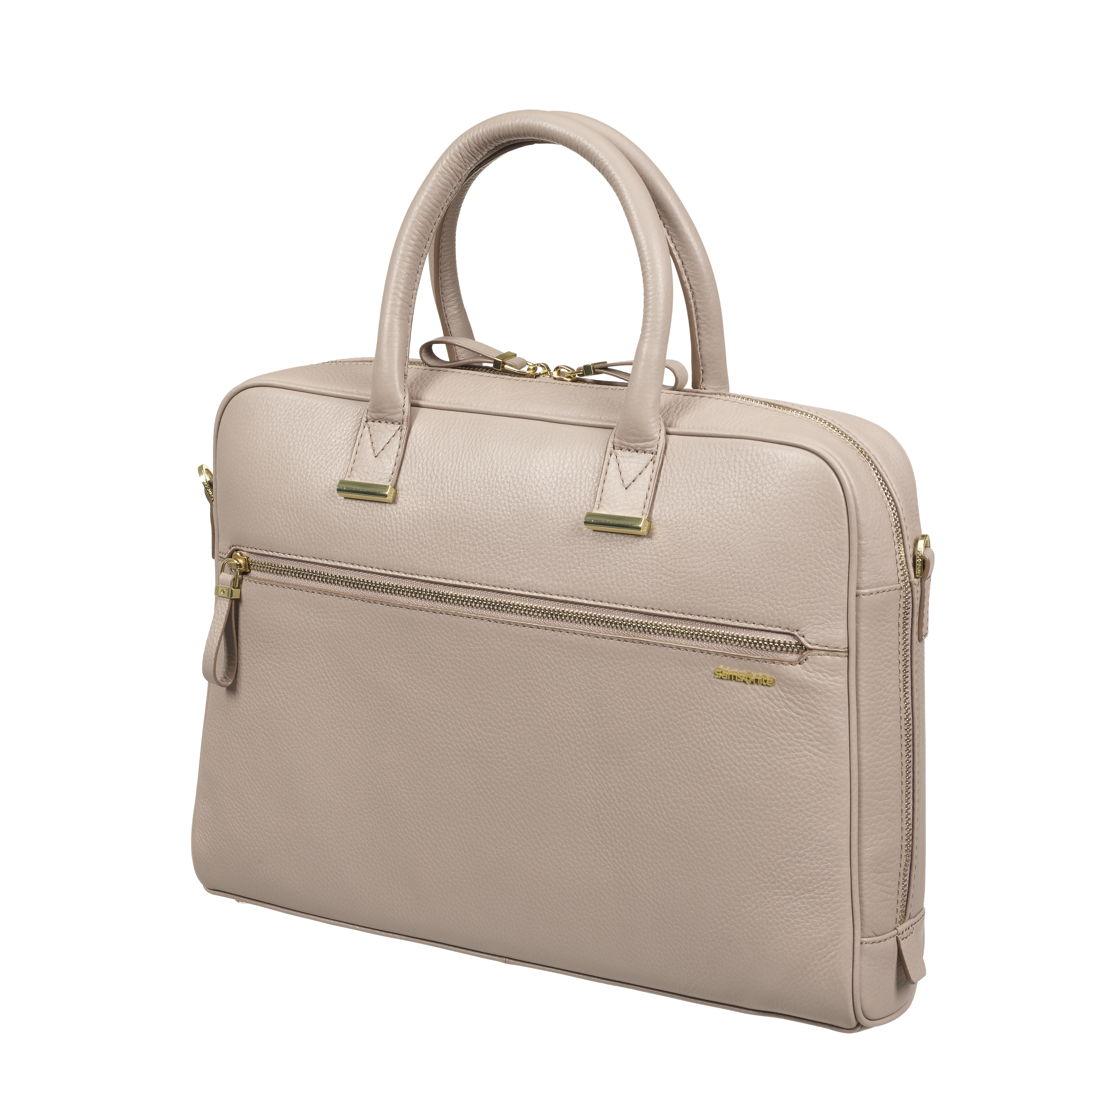 La housse pour ordinateur portable - beige - à partir de 299 €